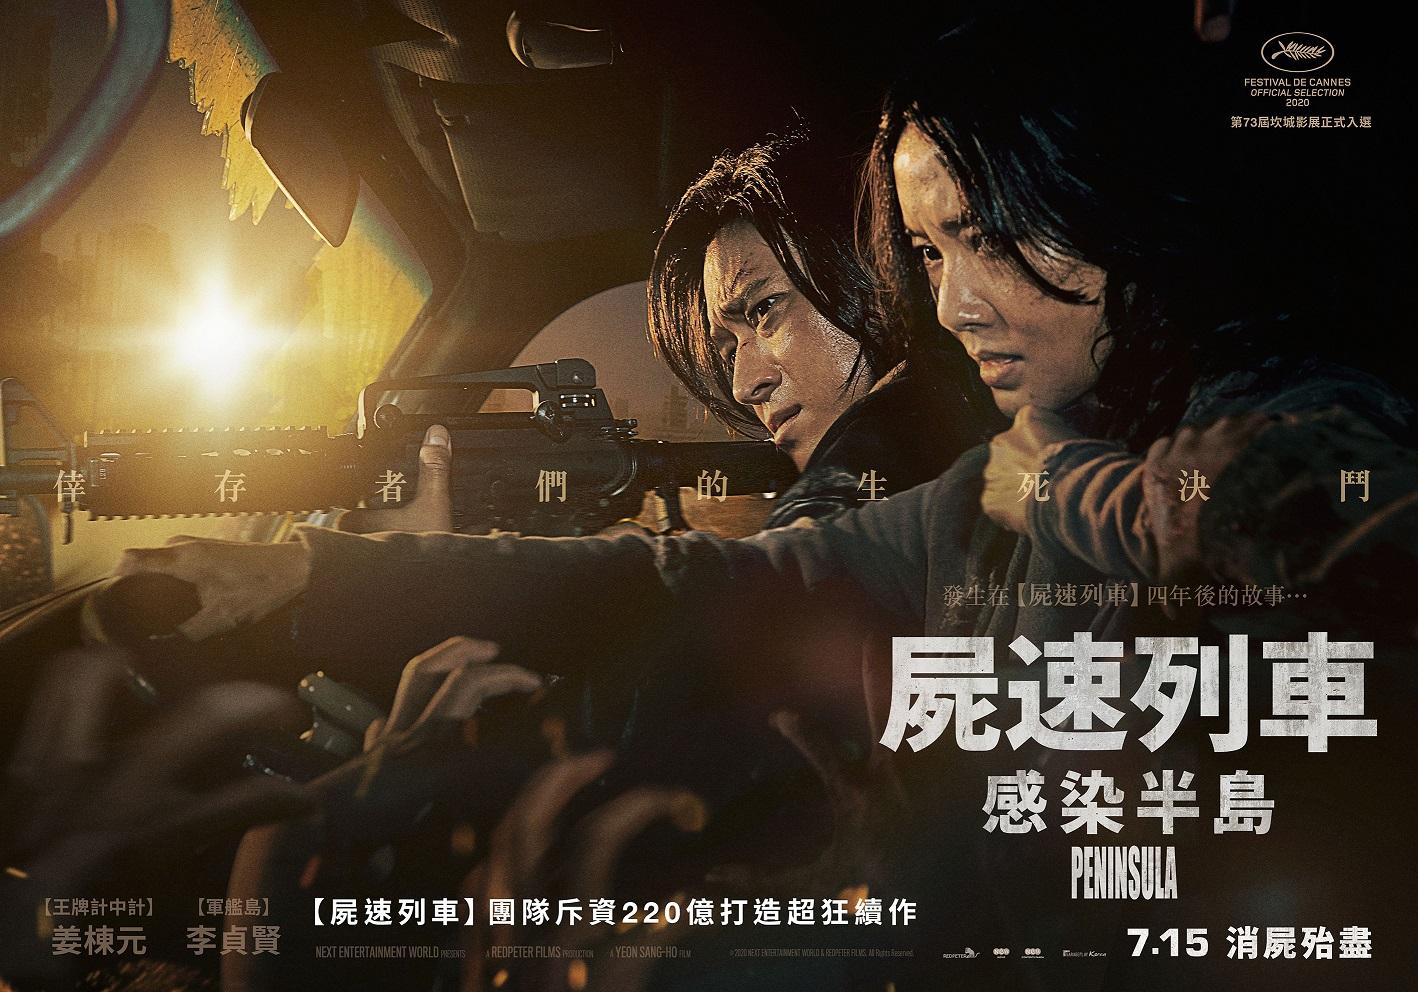 屍速列車:感染半島_飛車版海報橫式_7月15日 台韓IMAX 4DX同步上映